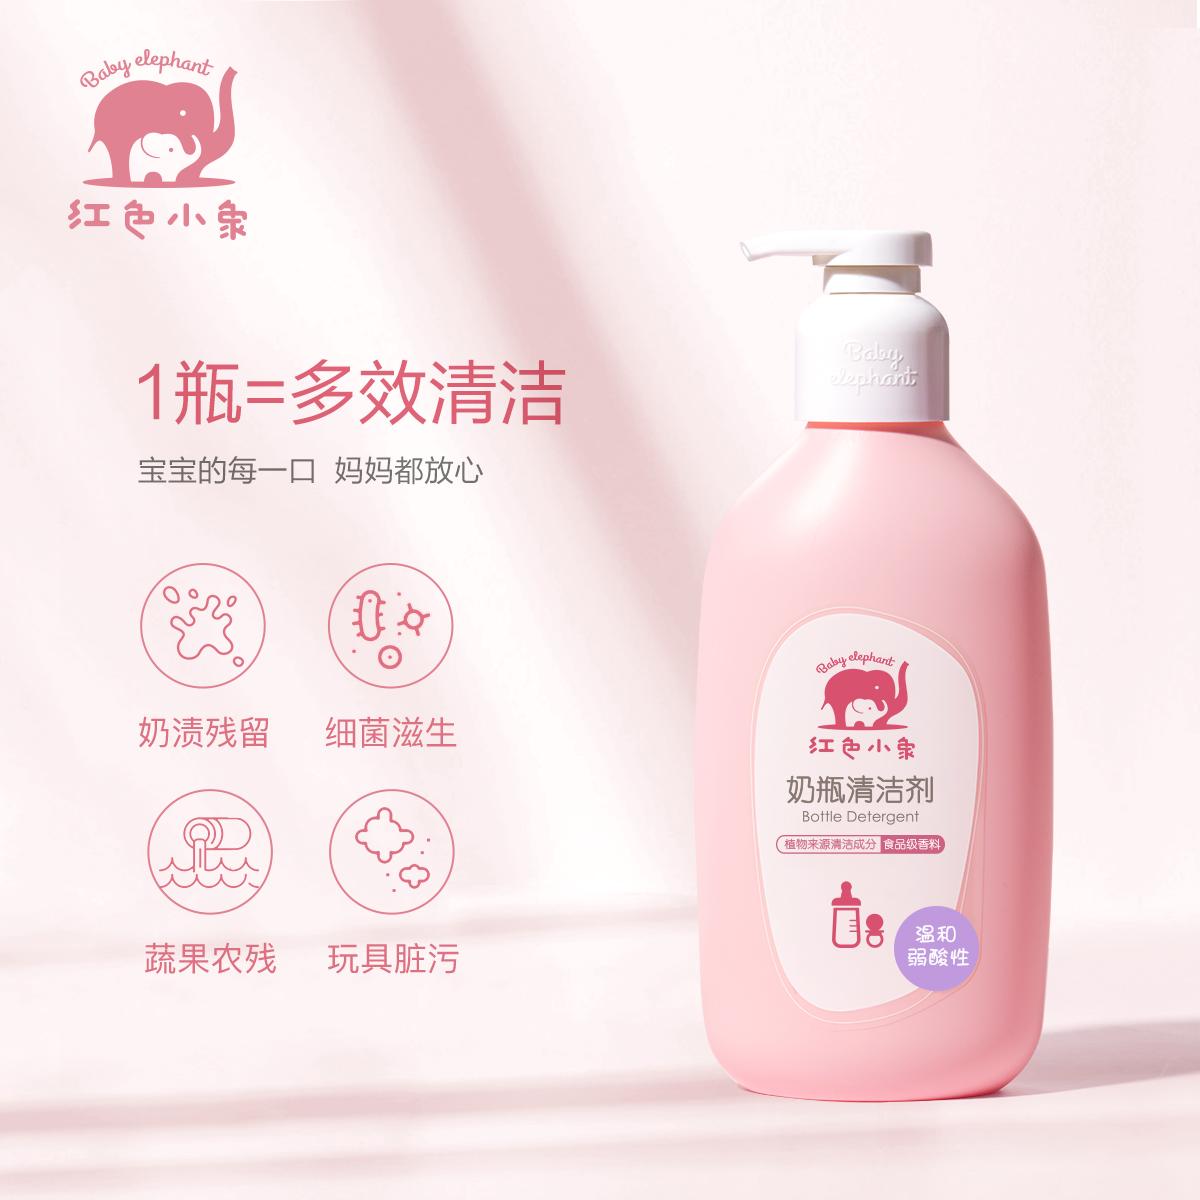 红色小象奶瓶清洗剂婴儿果蔬清洁剂宝宝刷奶瓶洗涤液旗舰店正品